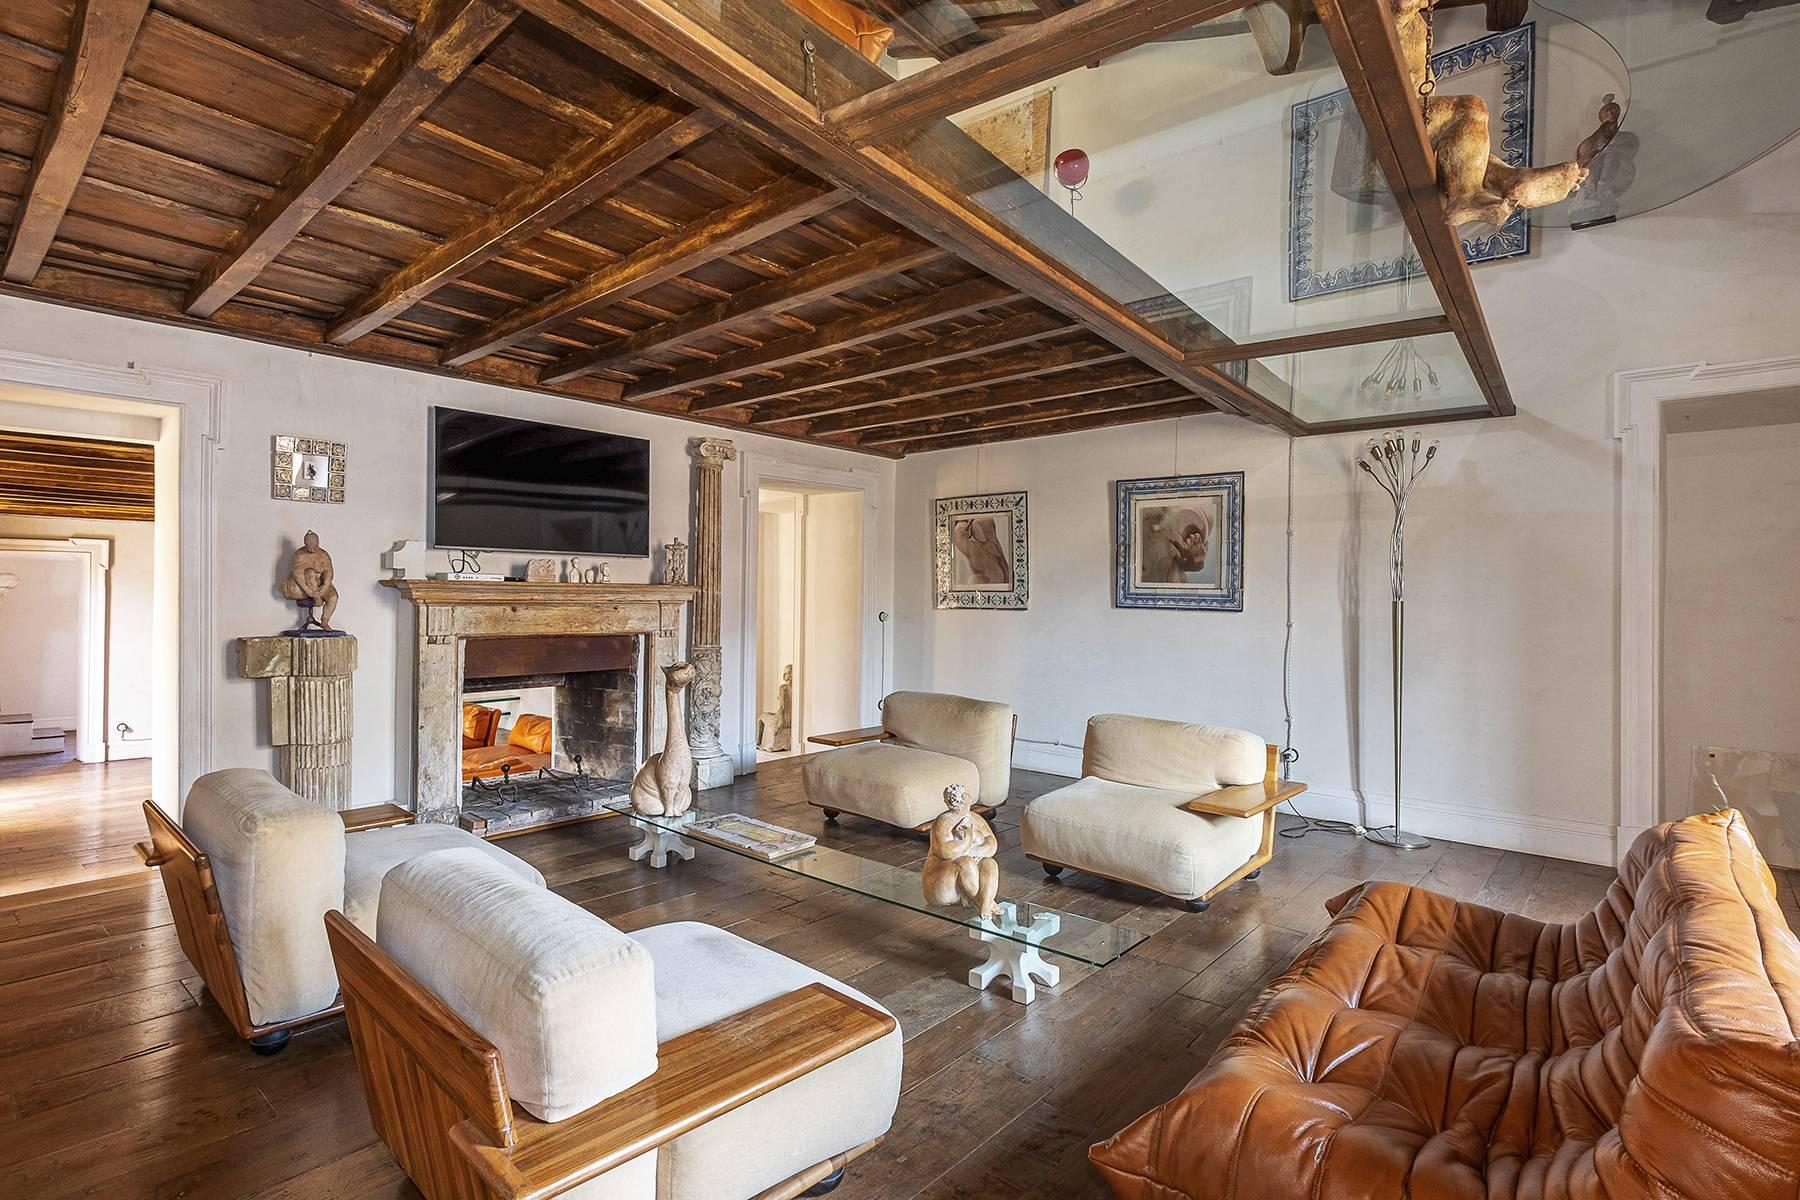 Splendido attico ristrutturato con giardini pensili panoramici - 16